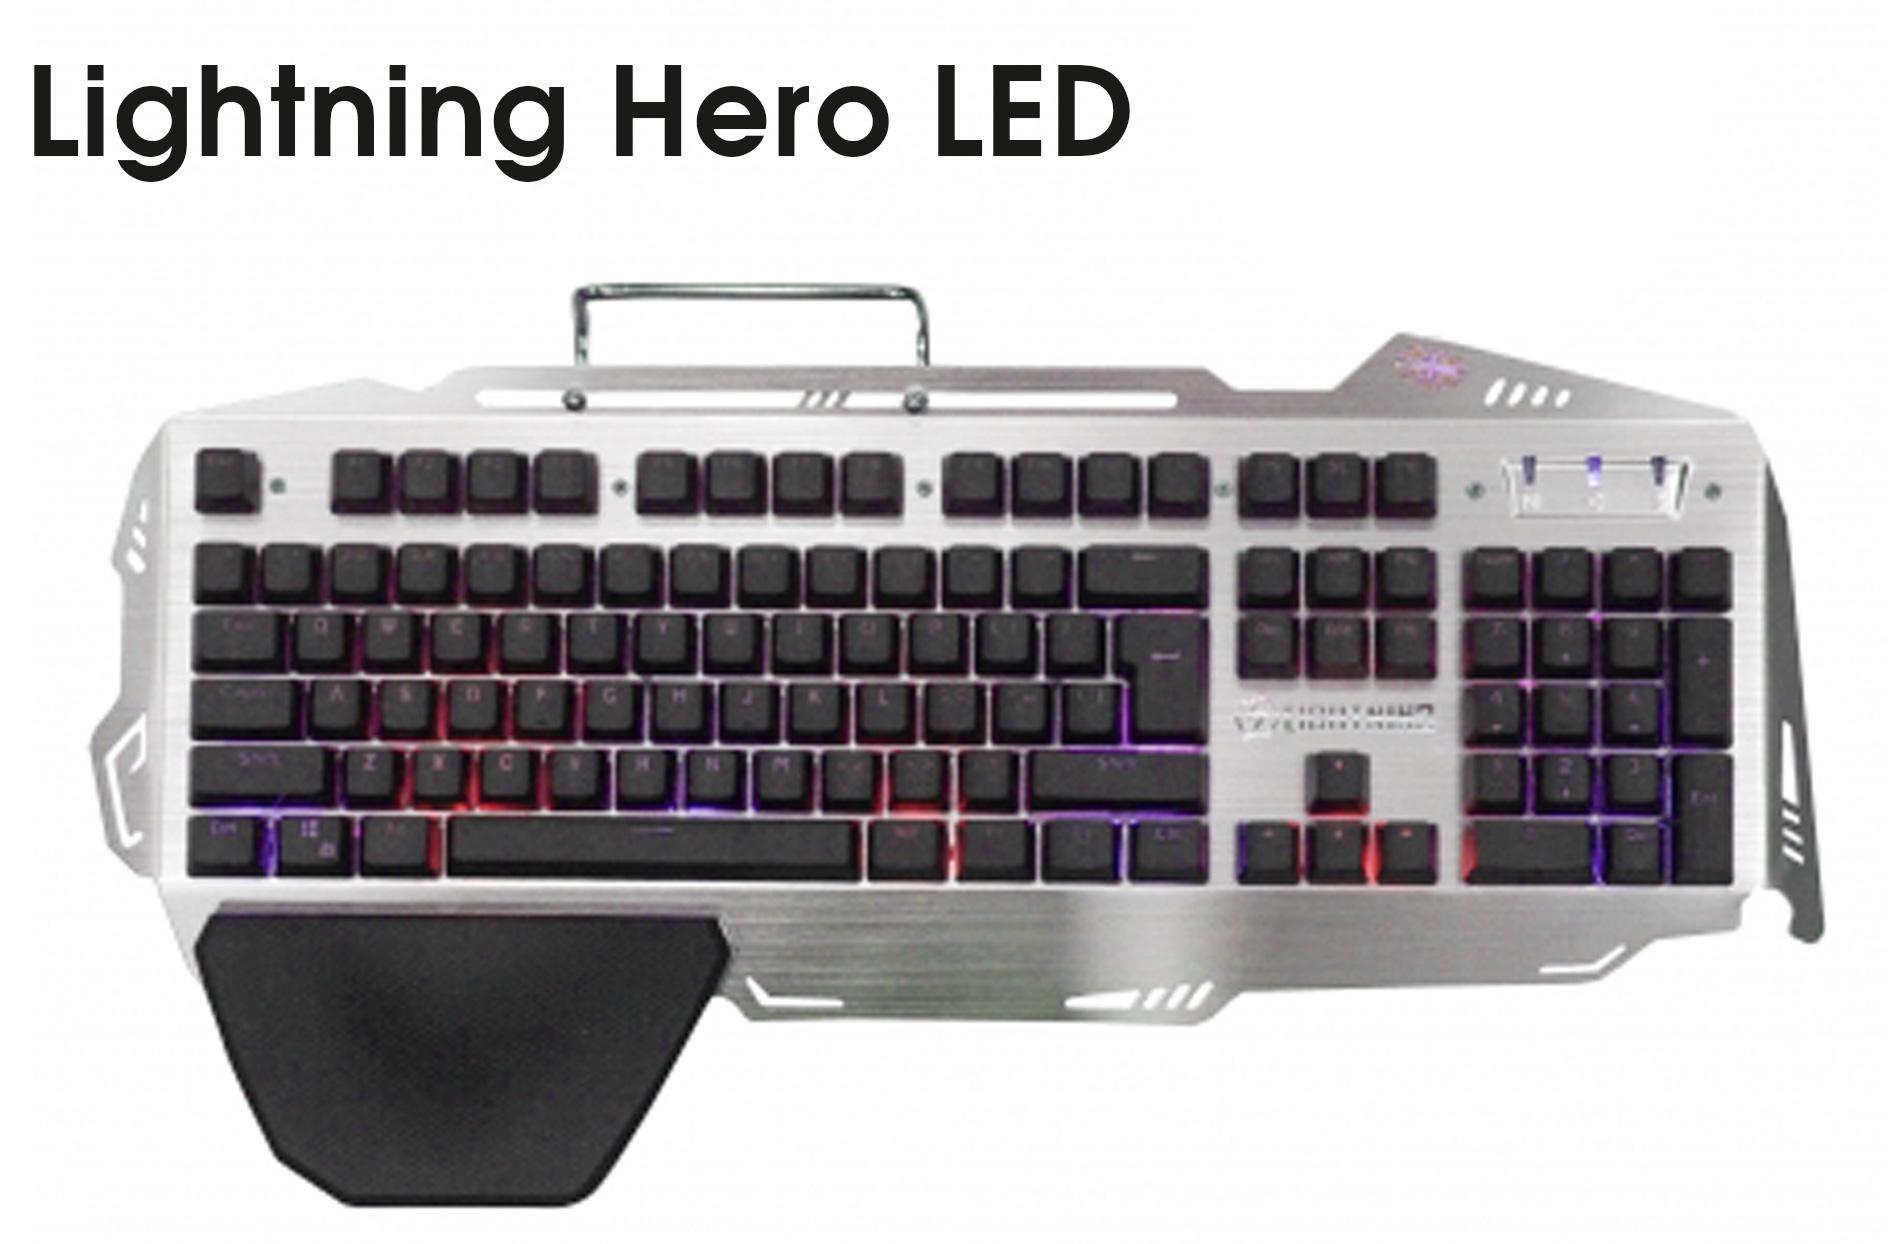 Bàn phím Lightning Hero - GIẢ CƠ MẶT NHÔM